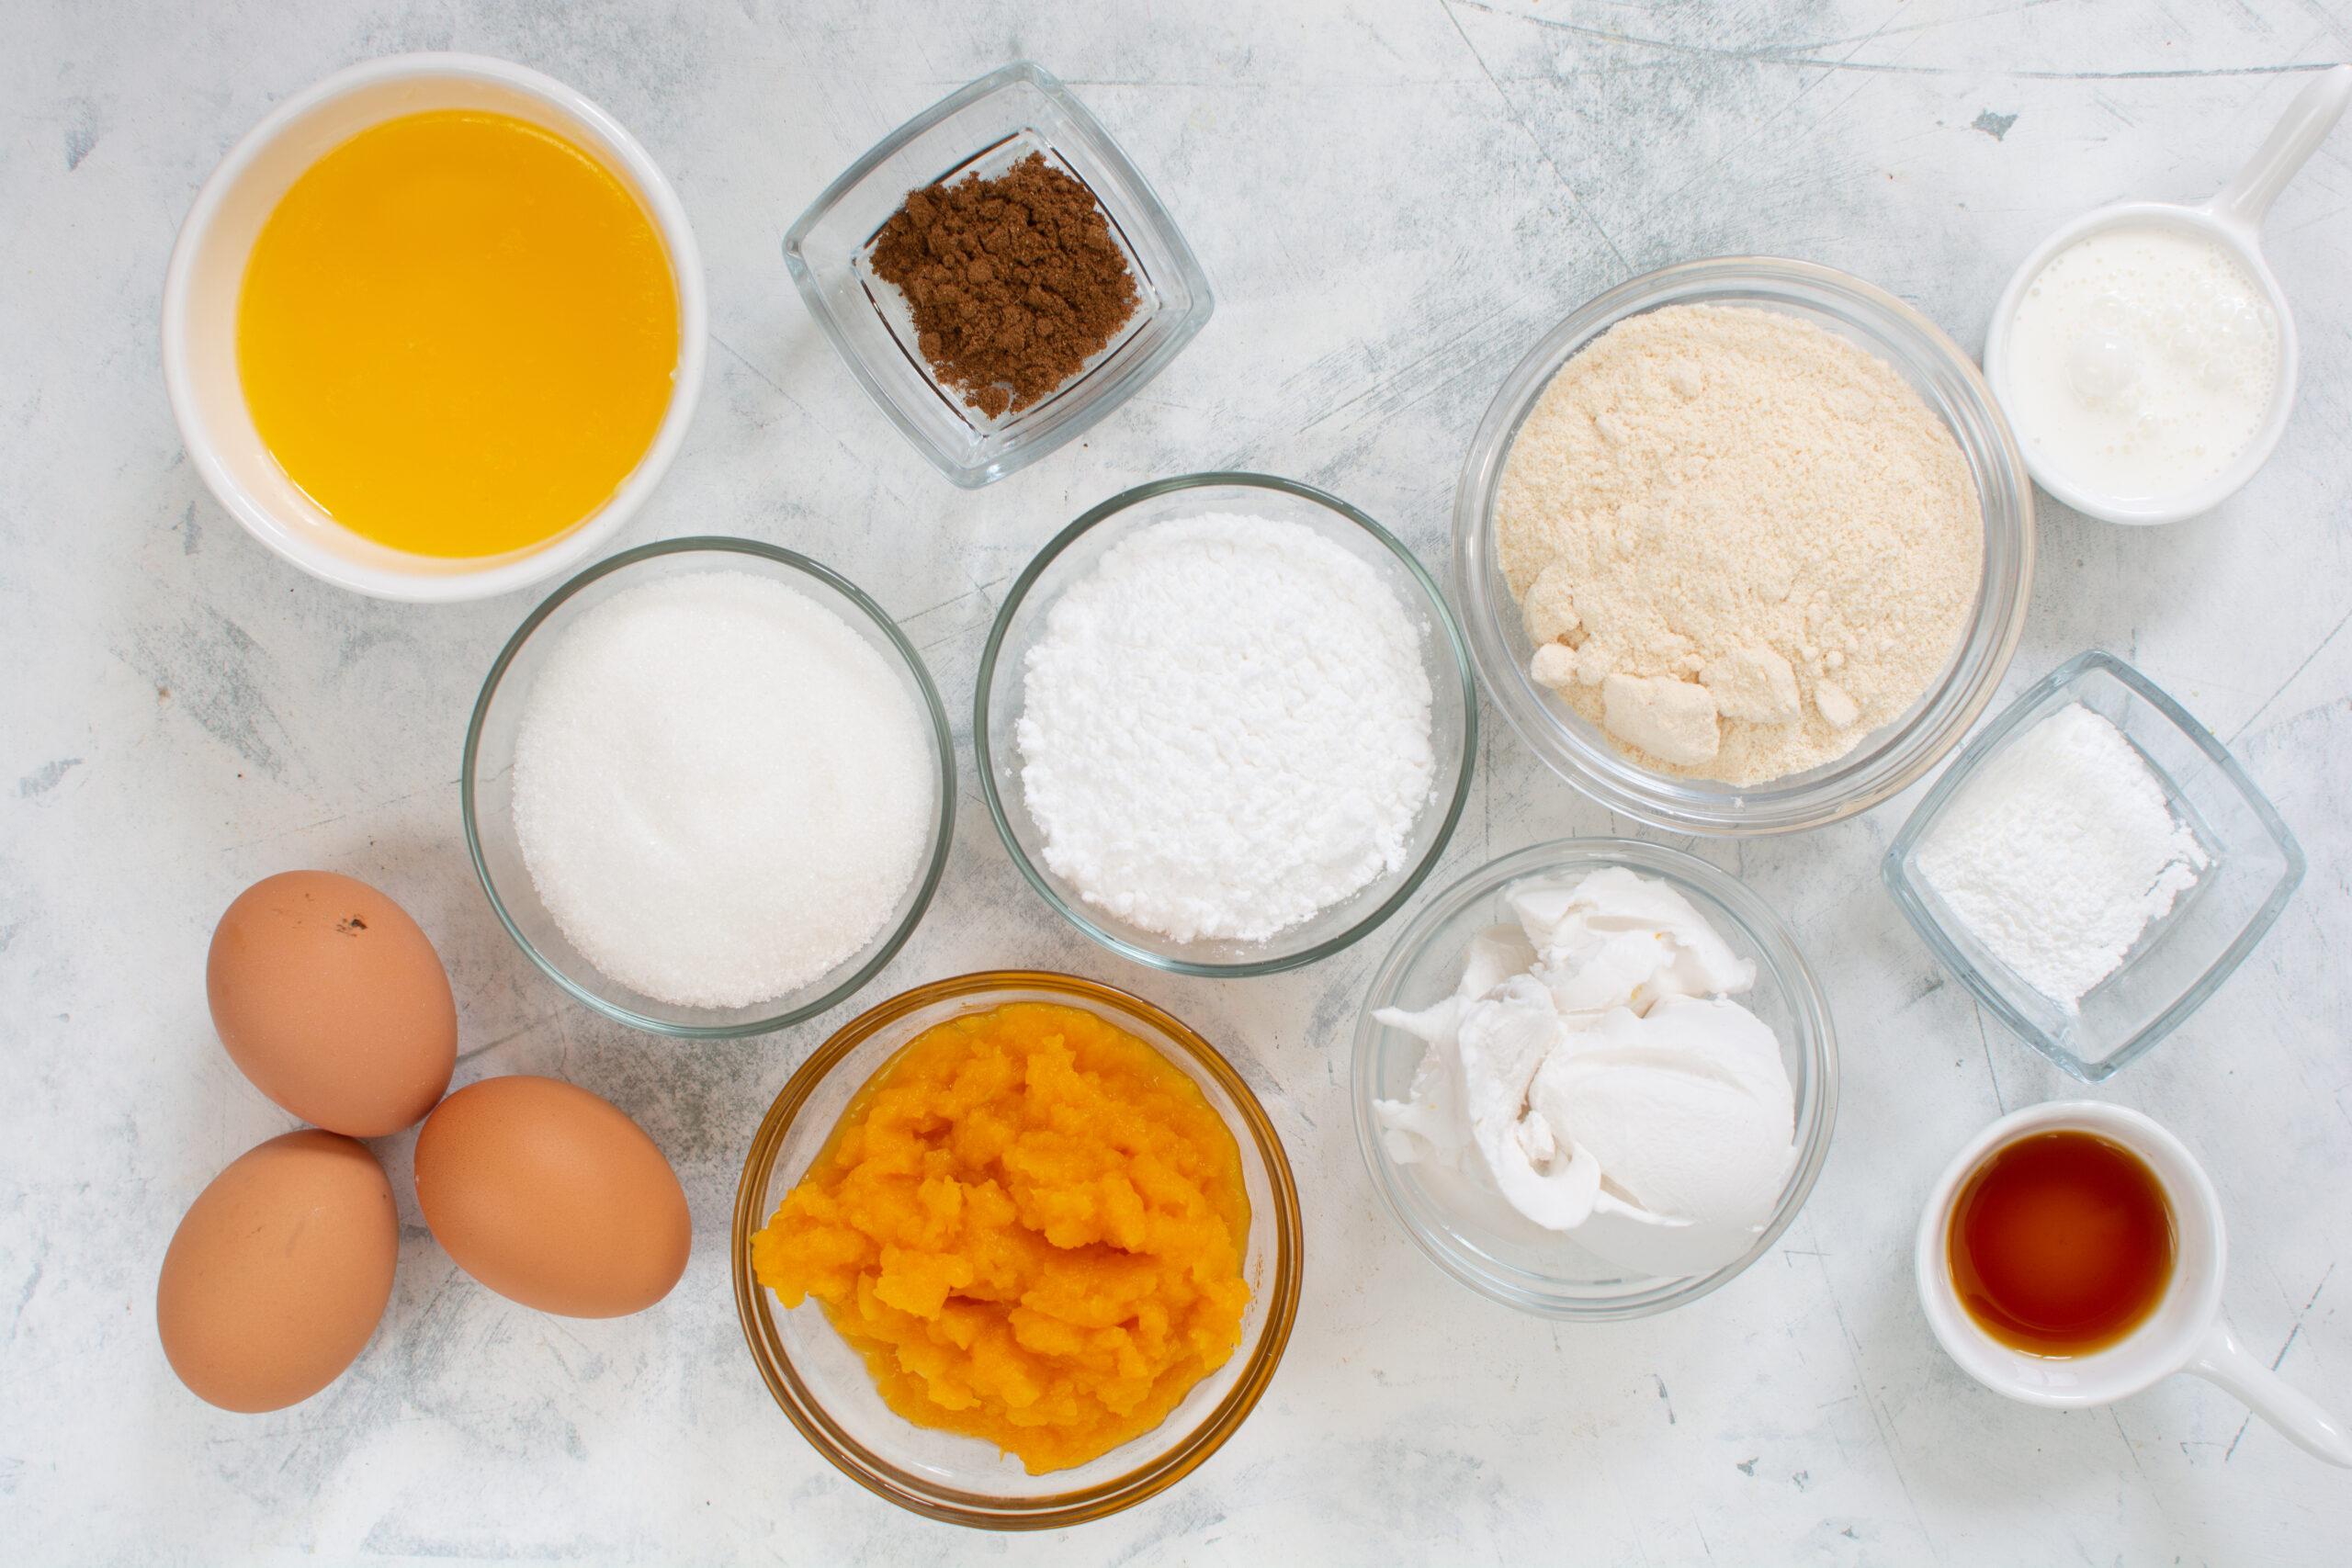 Cookie ingredients to make keto pumpkin cookies